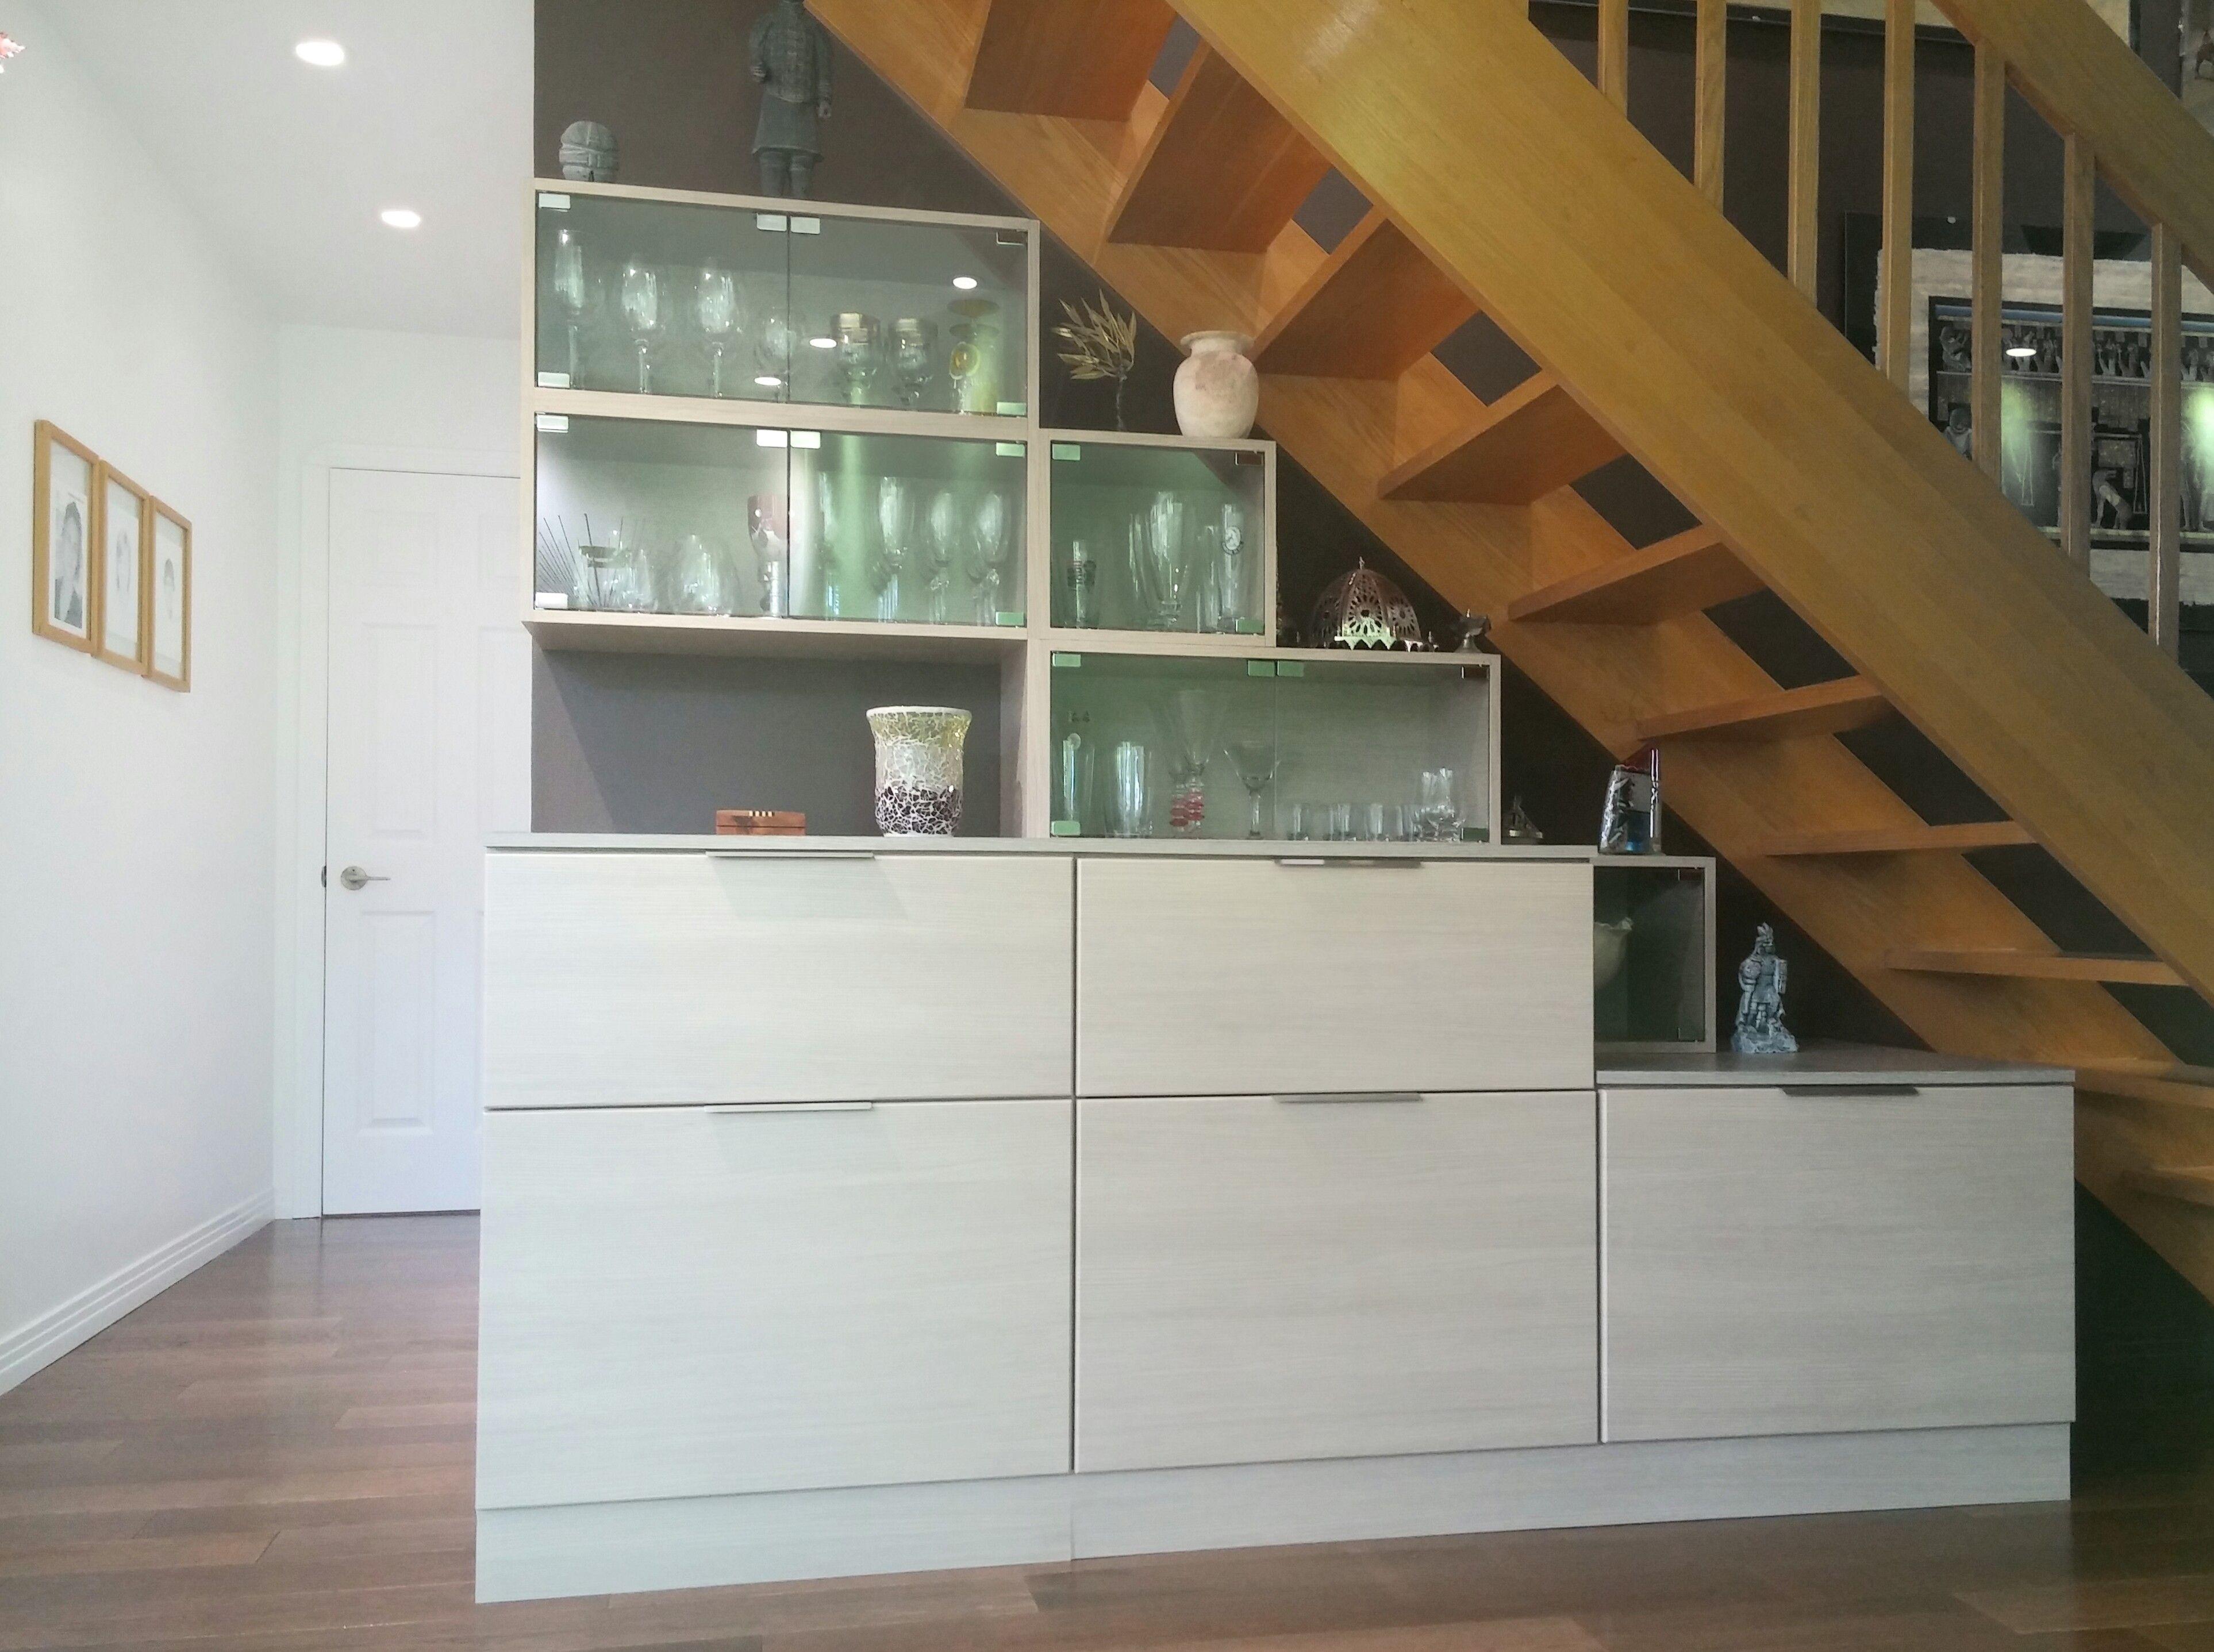 Comment Aménager Son Cellier voilà un exemple de comment bien aménager son espace de